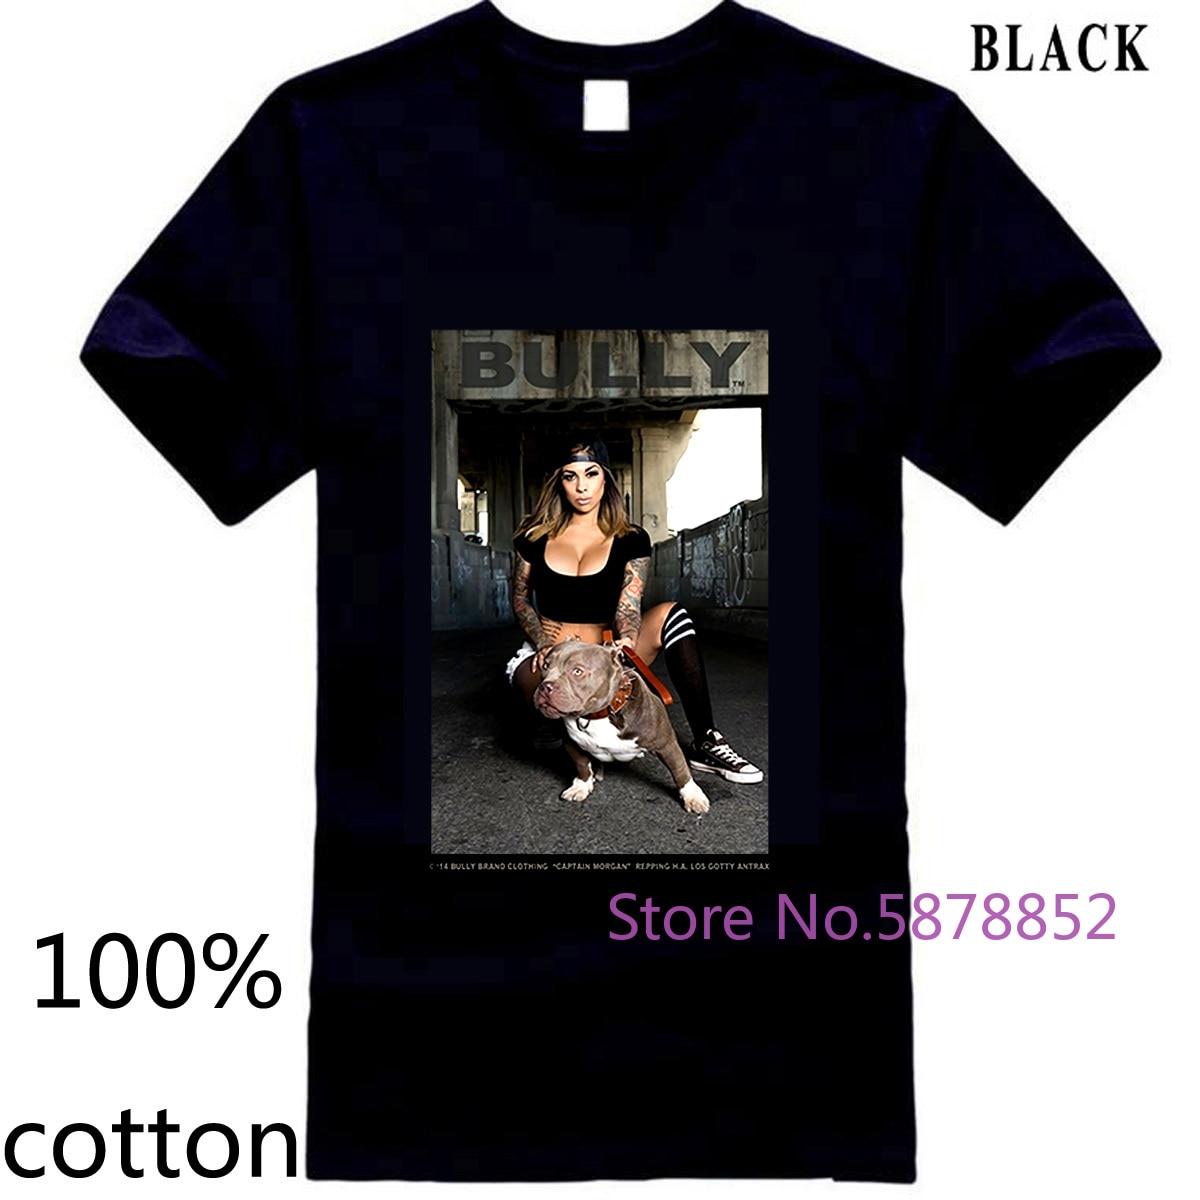 Capitán Morgan Pitbull perro perrera Club King Bully David Gonzales DGA hombres imprimir camiseta de los hombres camisetas tops 100% algodón